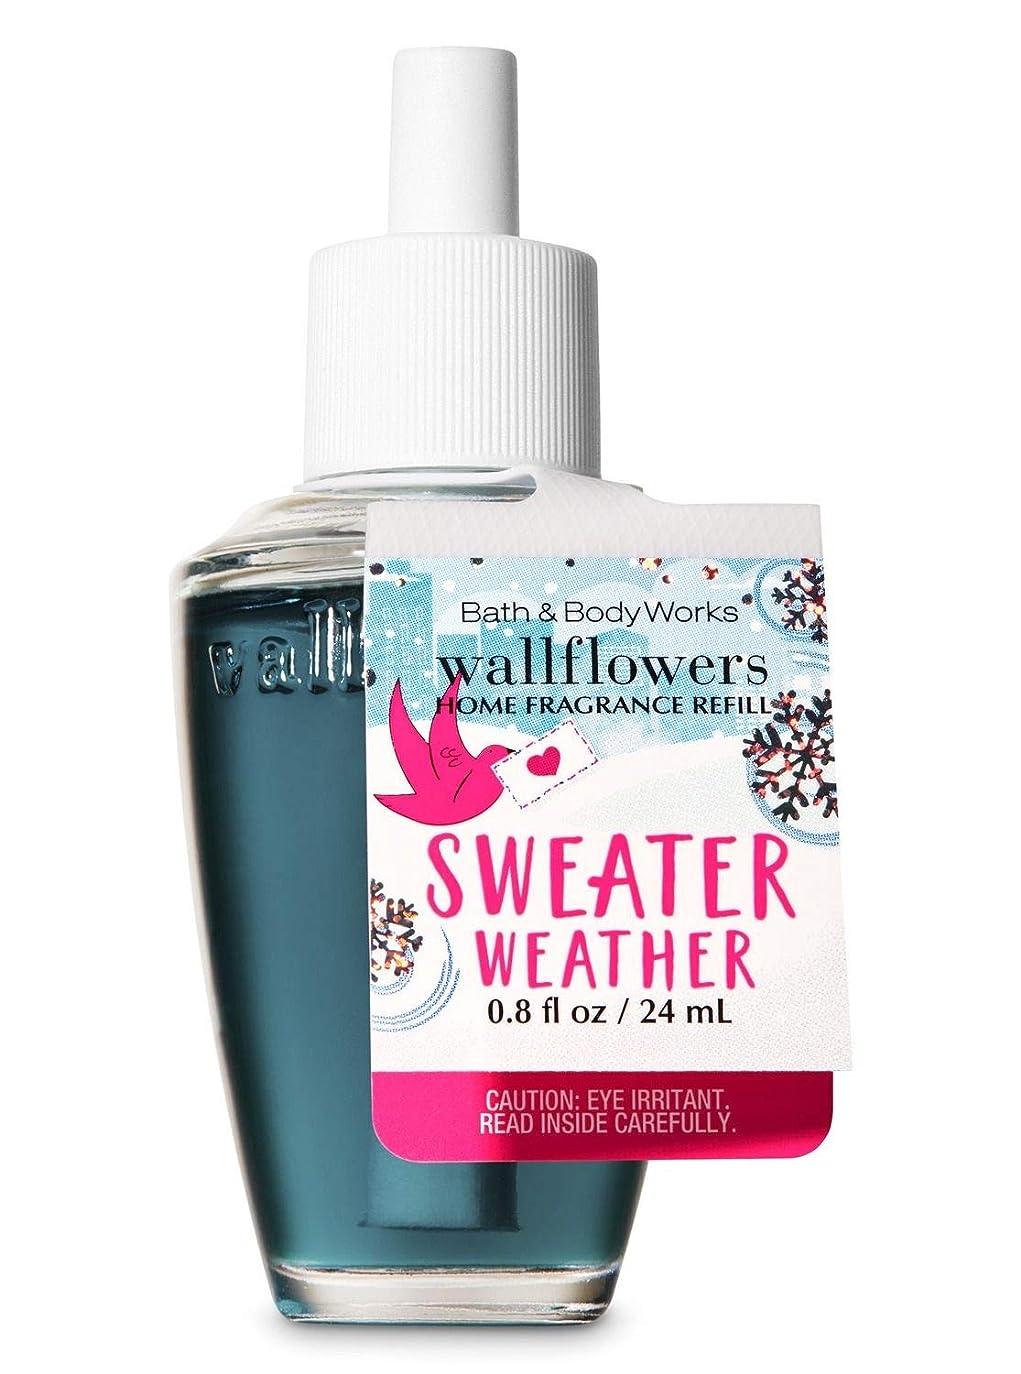 好むマサッチョ素人【Bath&Body Works/バス&ボディワークス】 ルームフレグランス 詰替えリフィル スウェターウェザー Wallflowers Home Fragrance Refill Sweater Weather [並行輸入品]